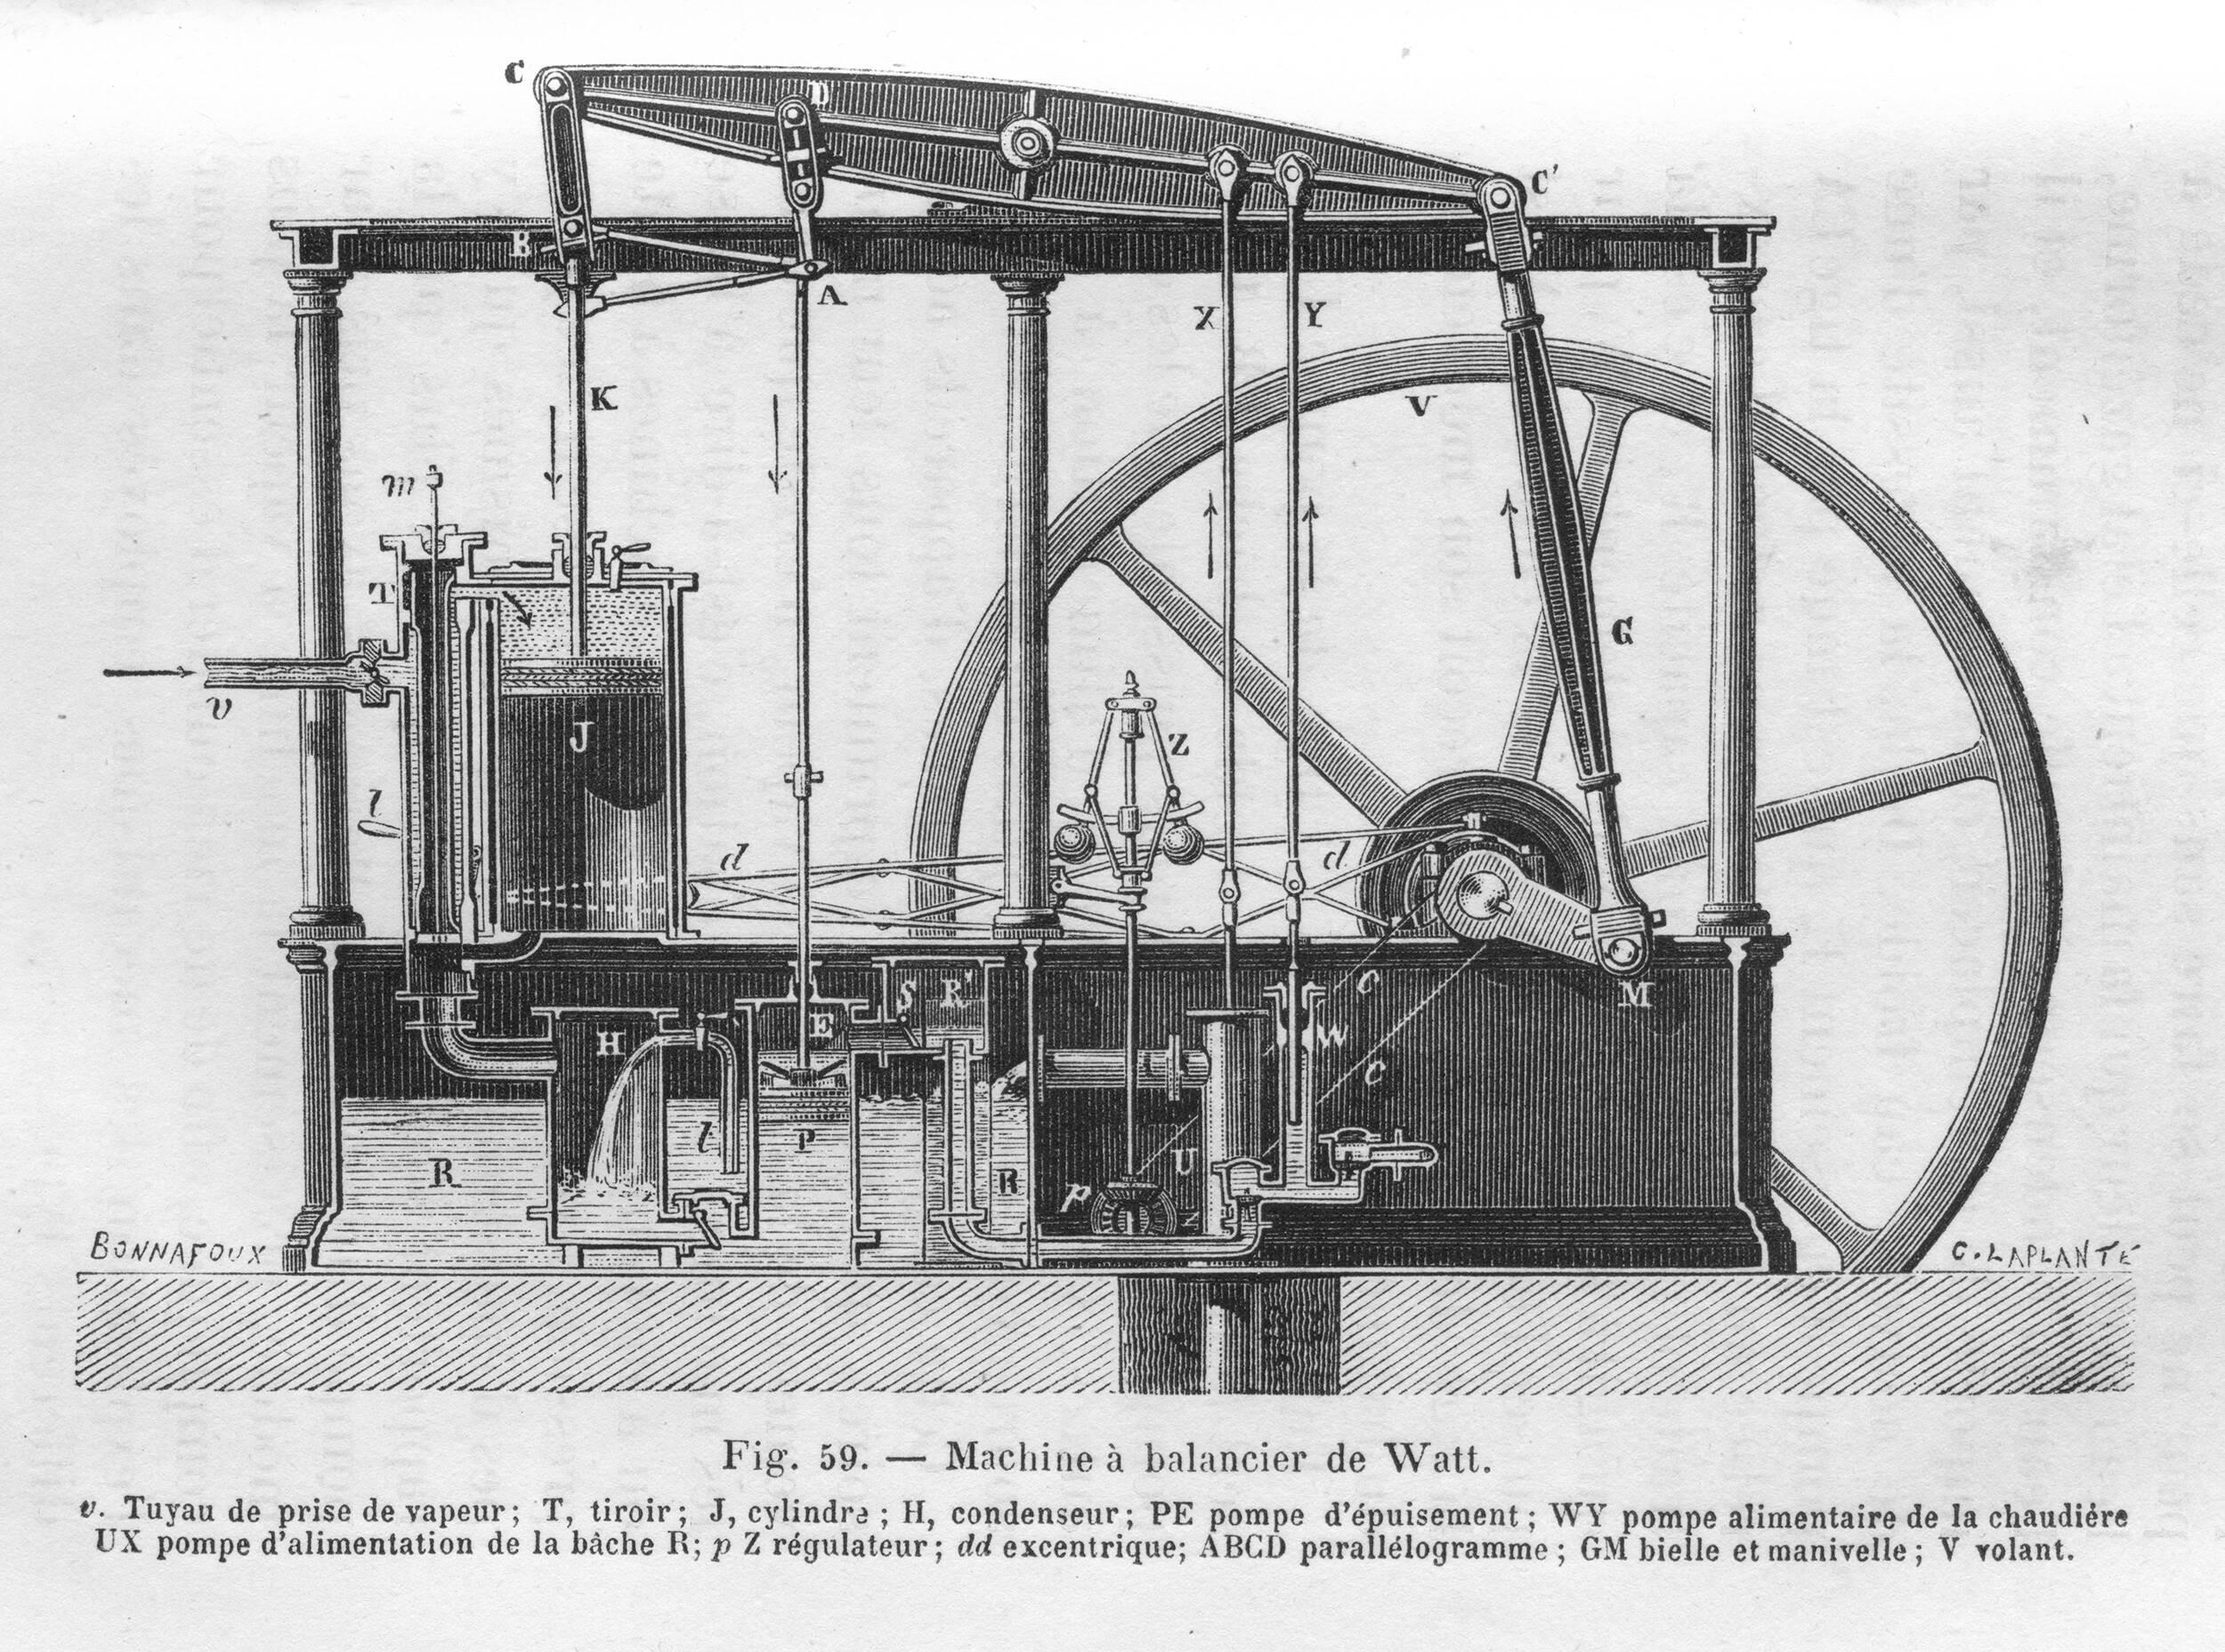 James Watt Steam Engine Diagram Watt S Steam Engine – Old Book Illustrations Of James Watt Steam Engine Diagram